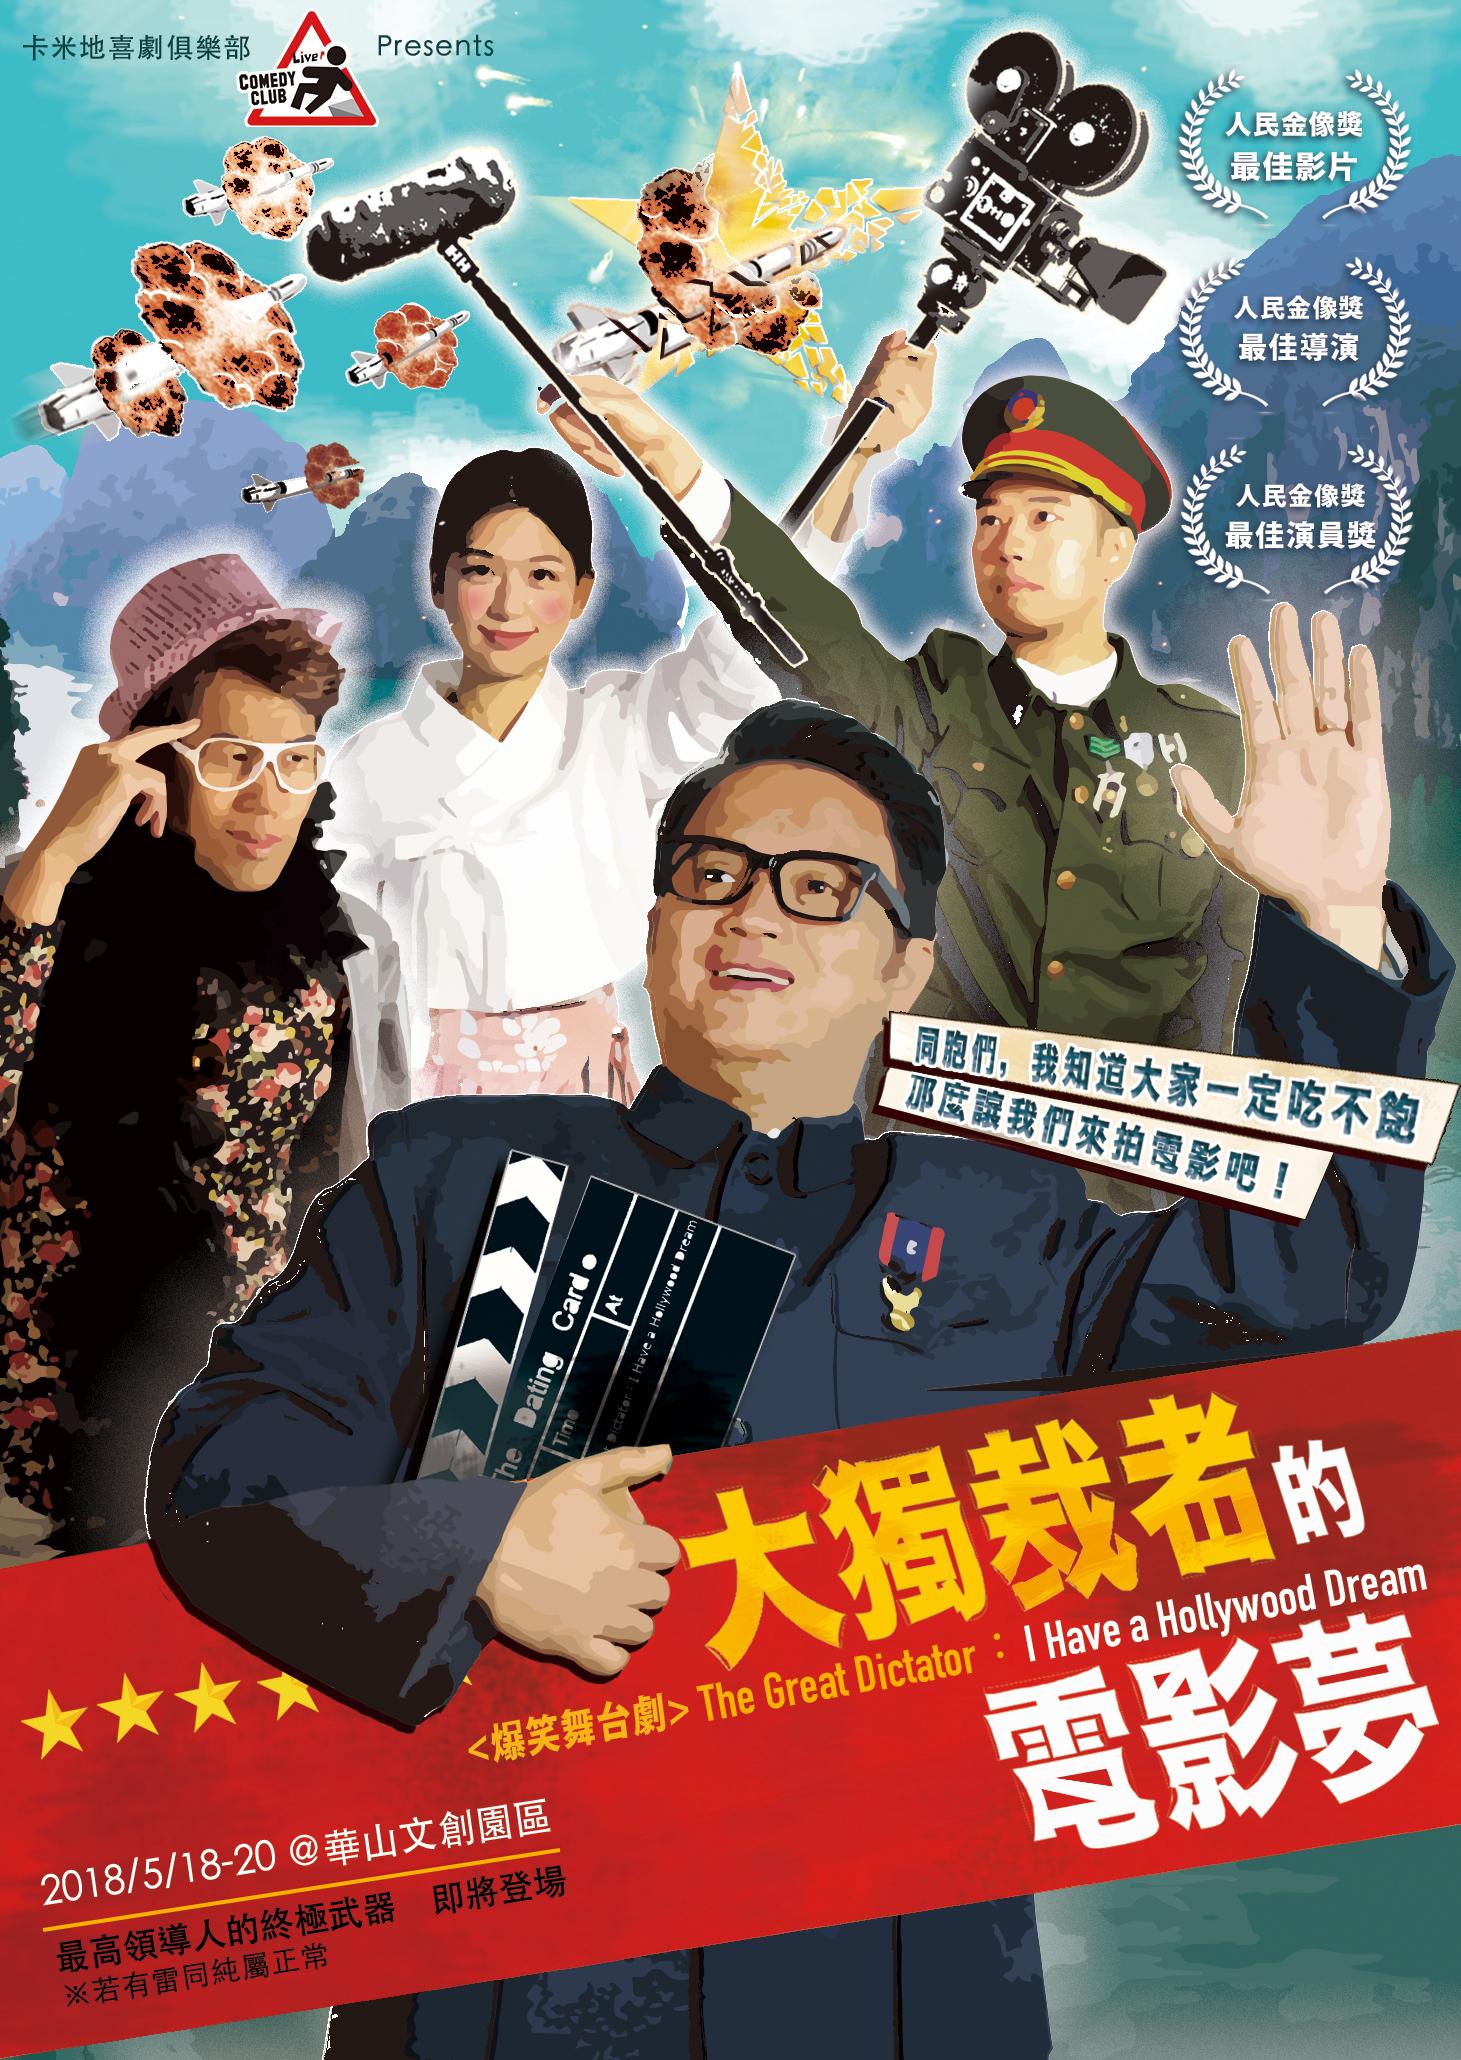 5/18-20 爆笑舞台劇:大獨裁者的電影夢